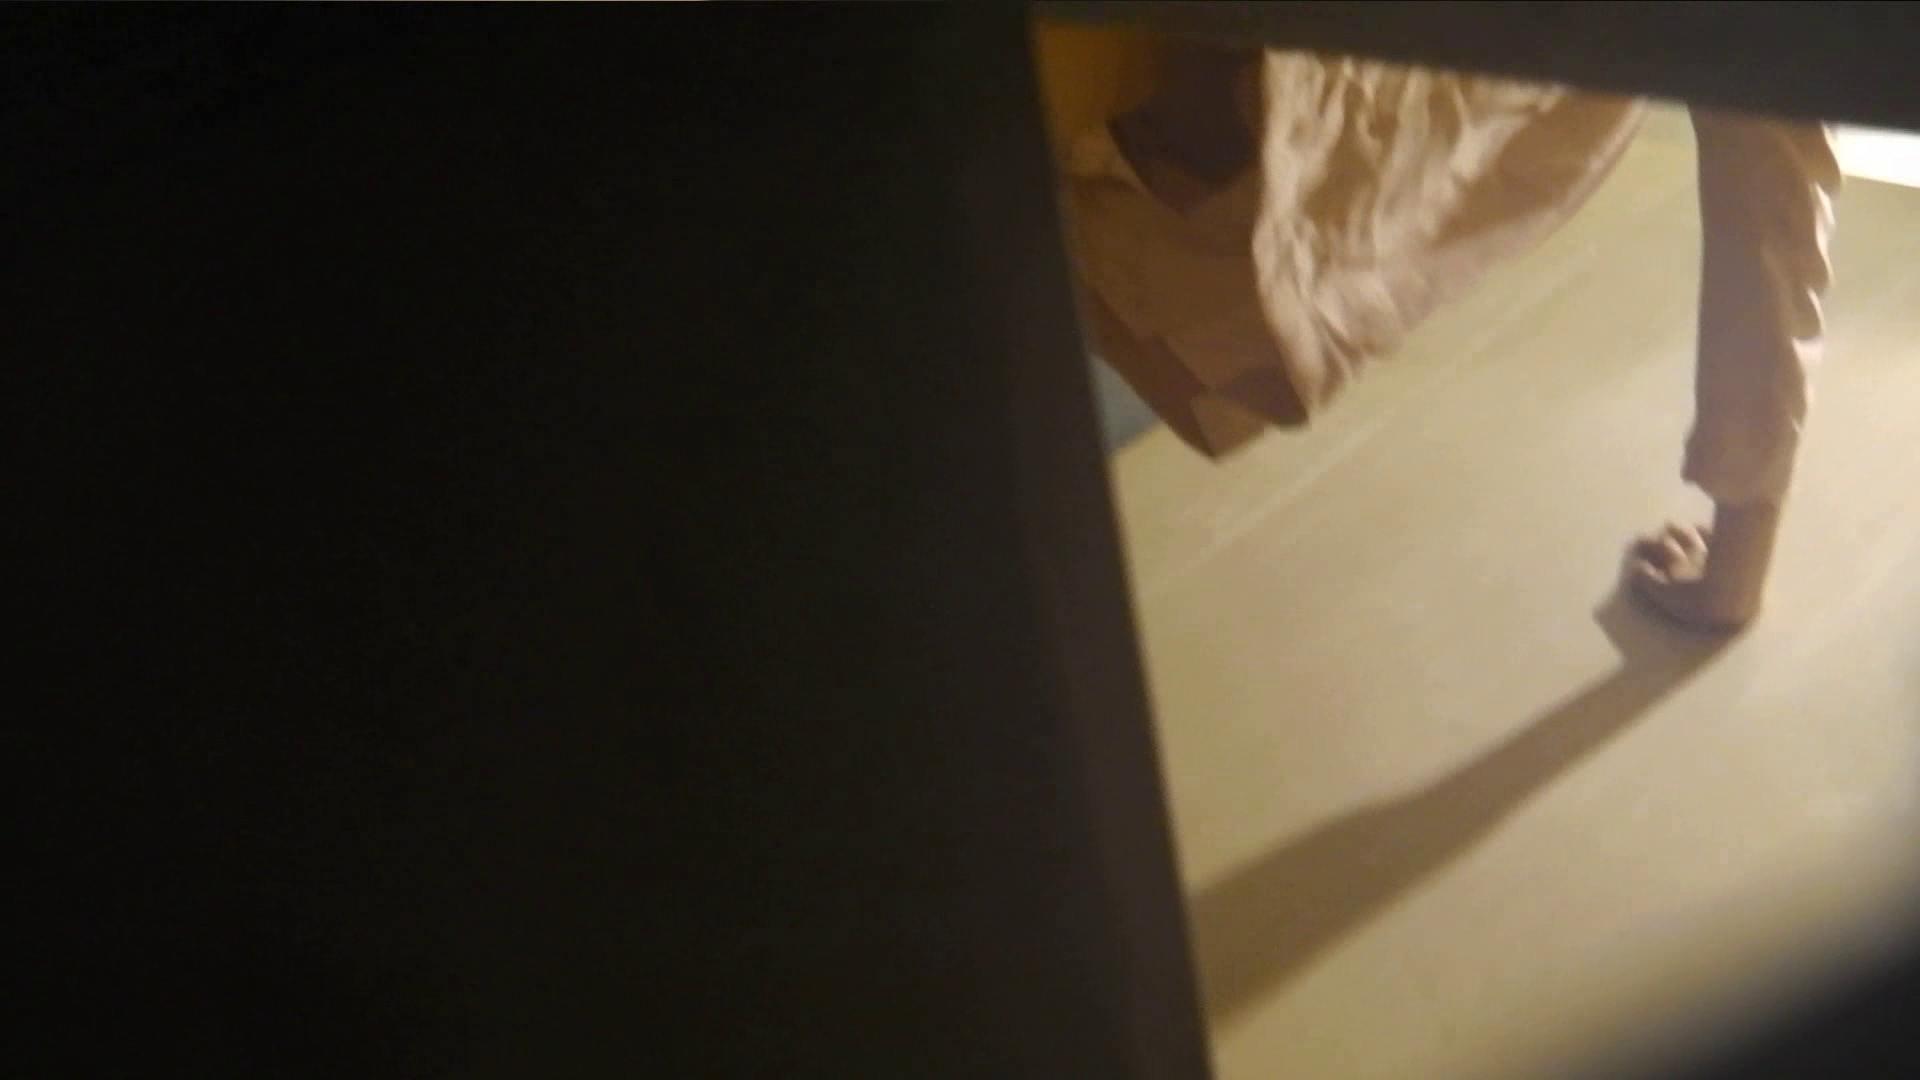 阿国ちゃんの「和式洋式七変化」No.15 盛合せ おまんこ無修正動画無料 50画像 34